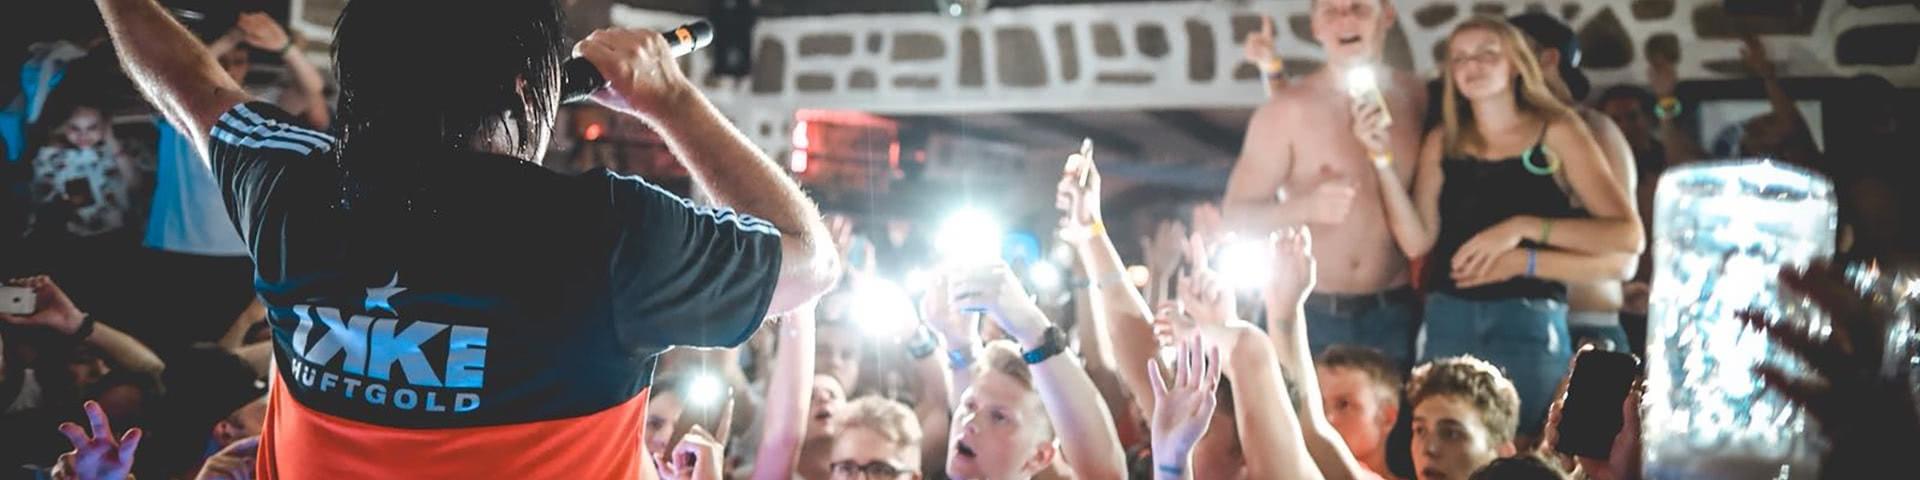 Auftritt von Ikke Hüftgold im Partystadel in BUlgarien